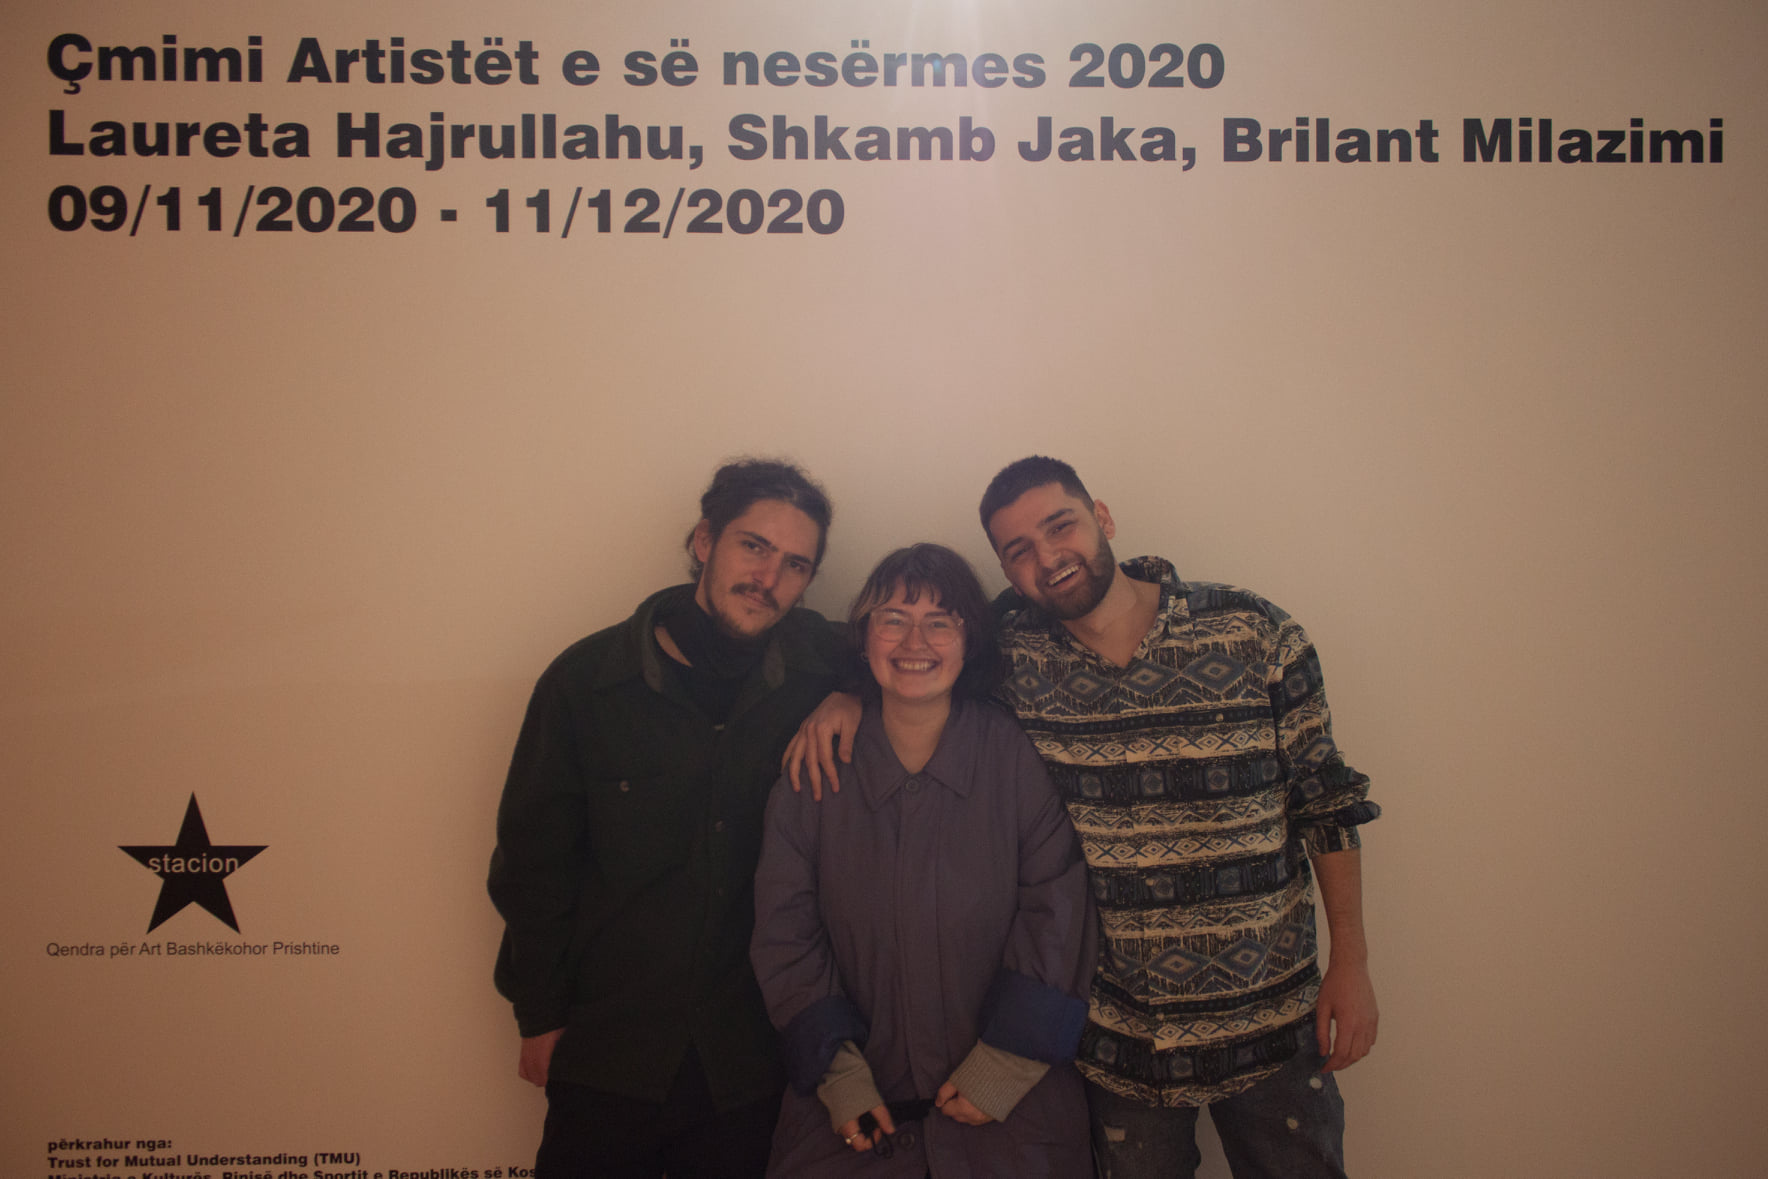 Artistët e së nesërmes 2020